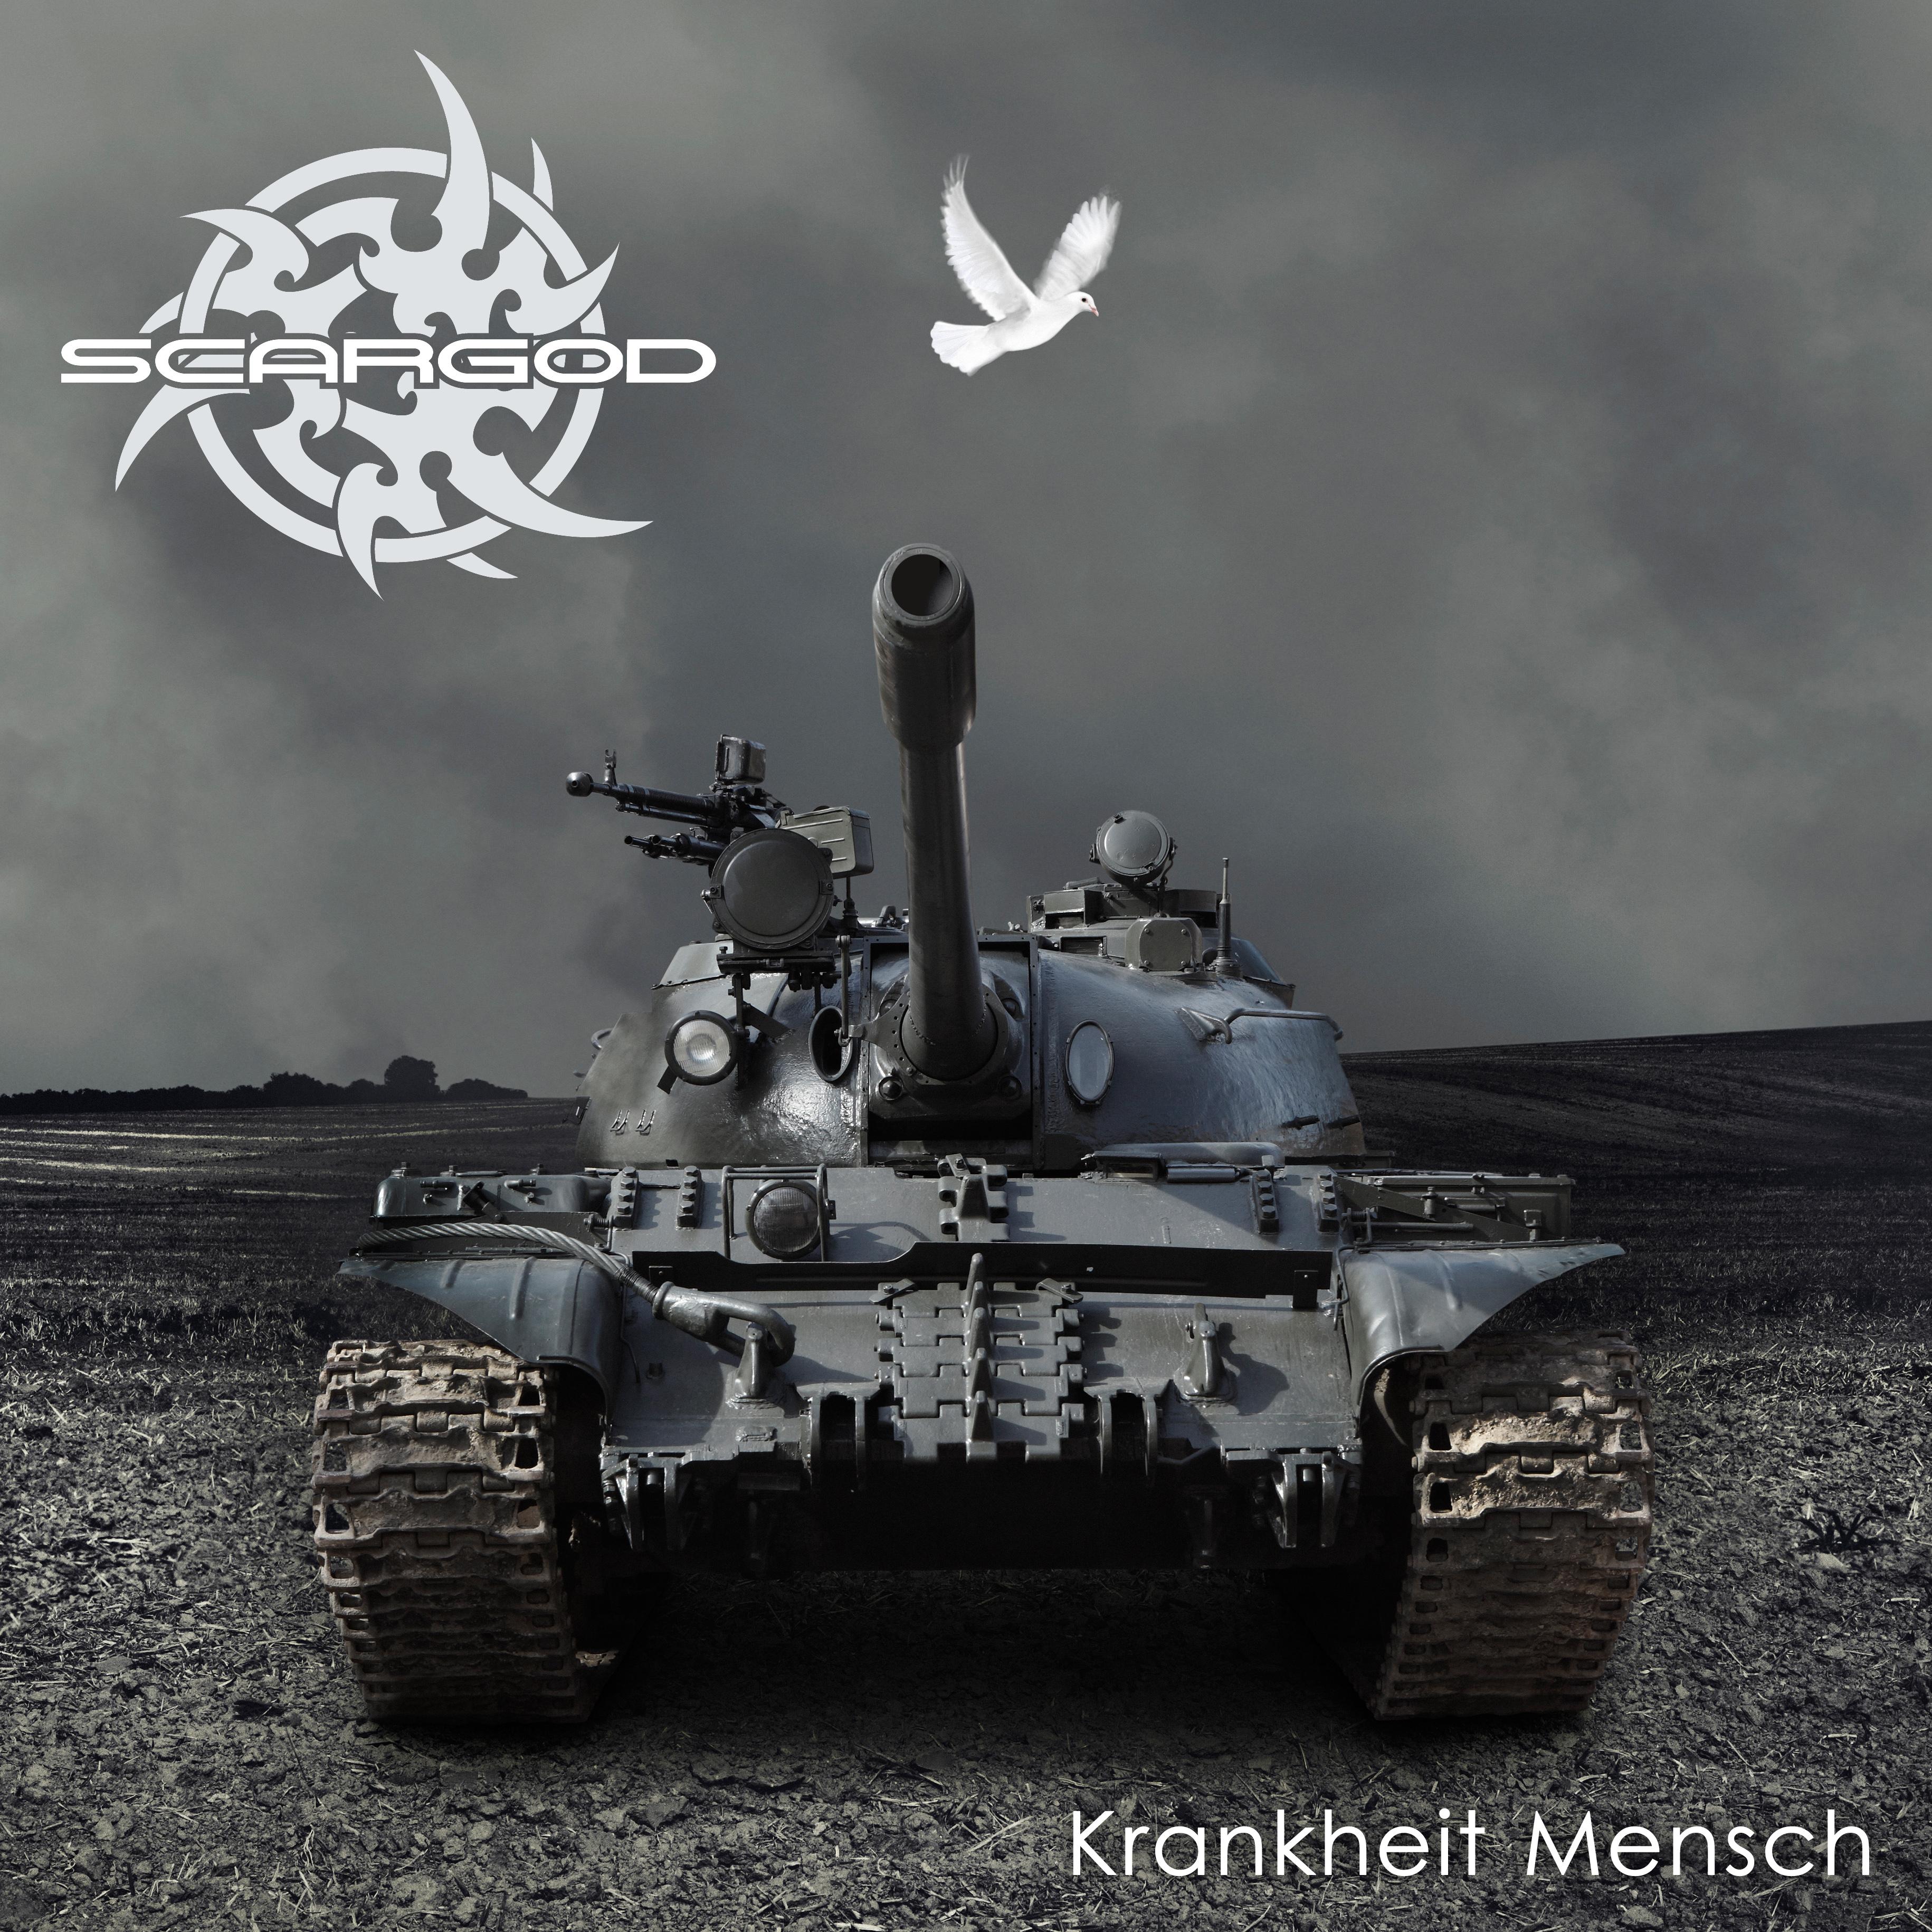 scargod-krankheit-mensch-ein-kleiner-diamant-album-review